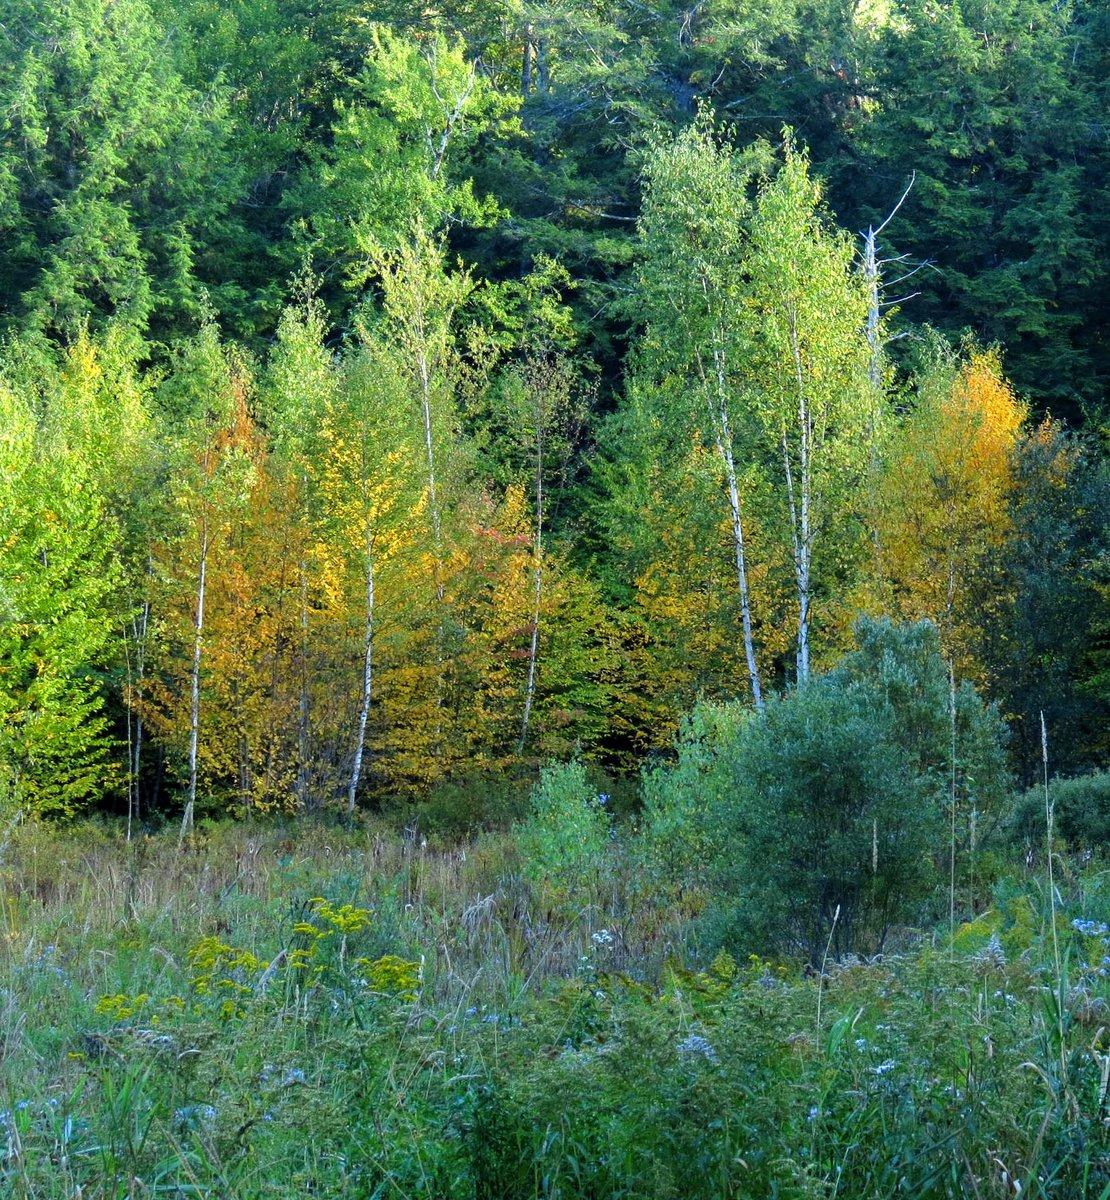 11. Blazing Birches